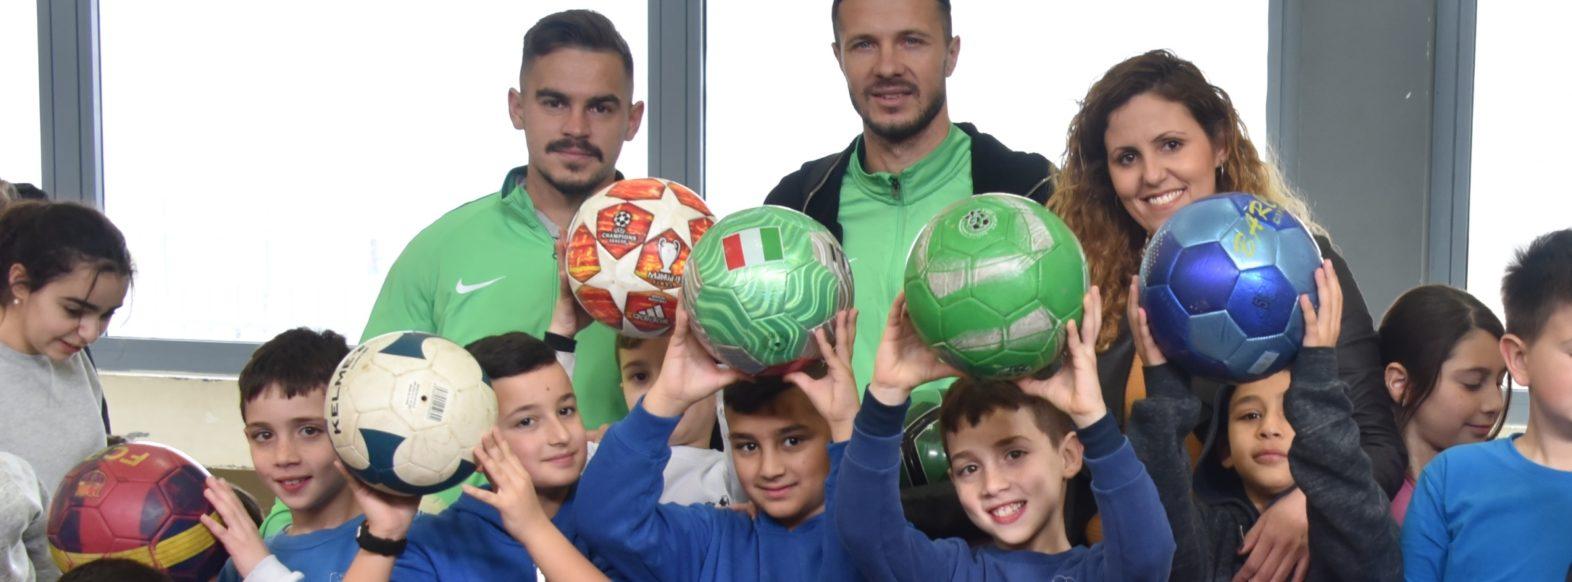 שחקני מכבי חיפה הגיעו לירושלים בקריית אתא